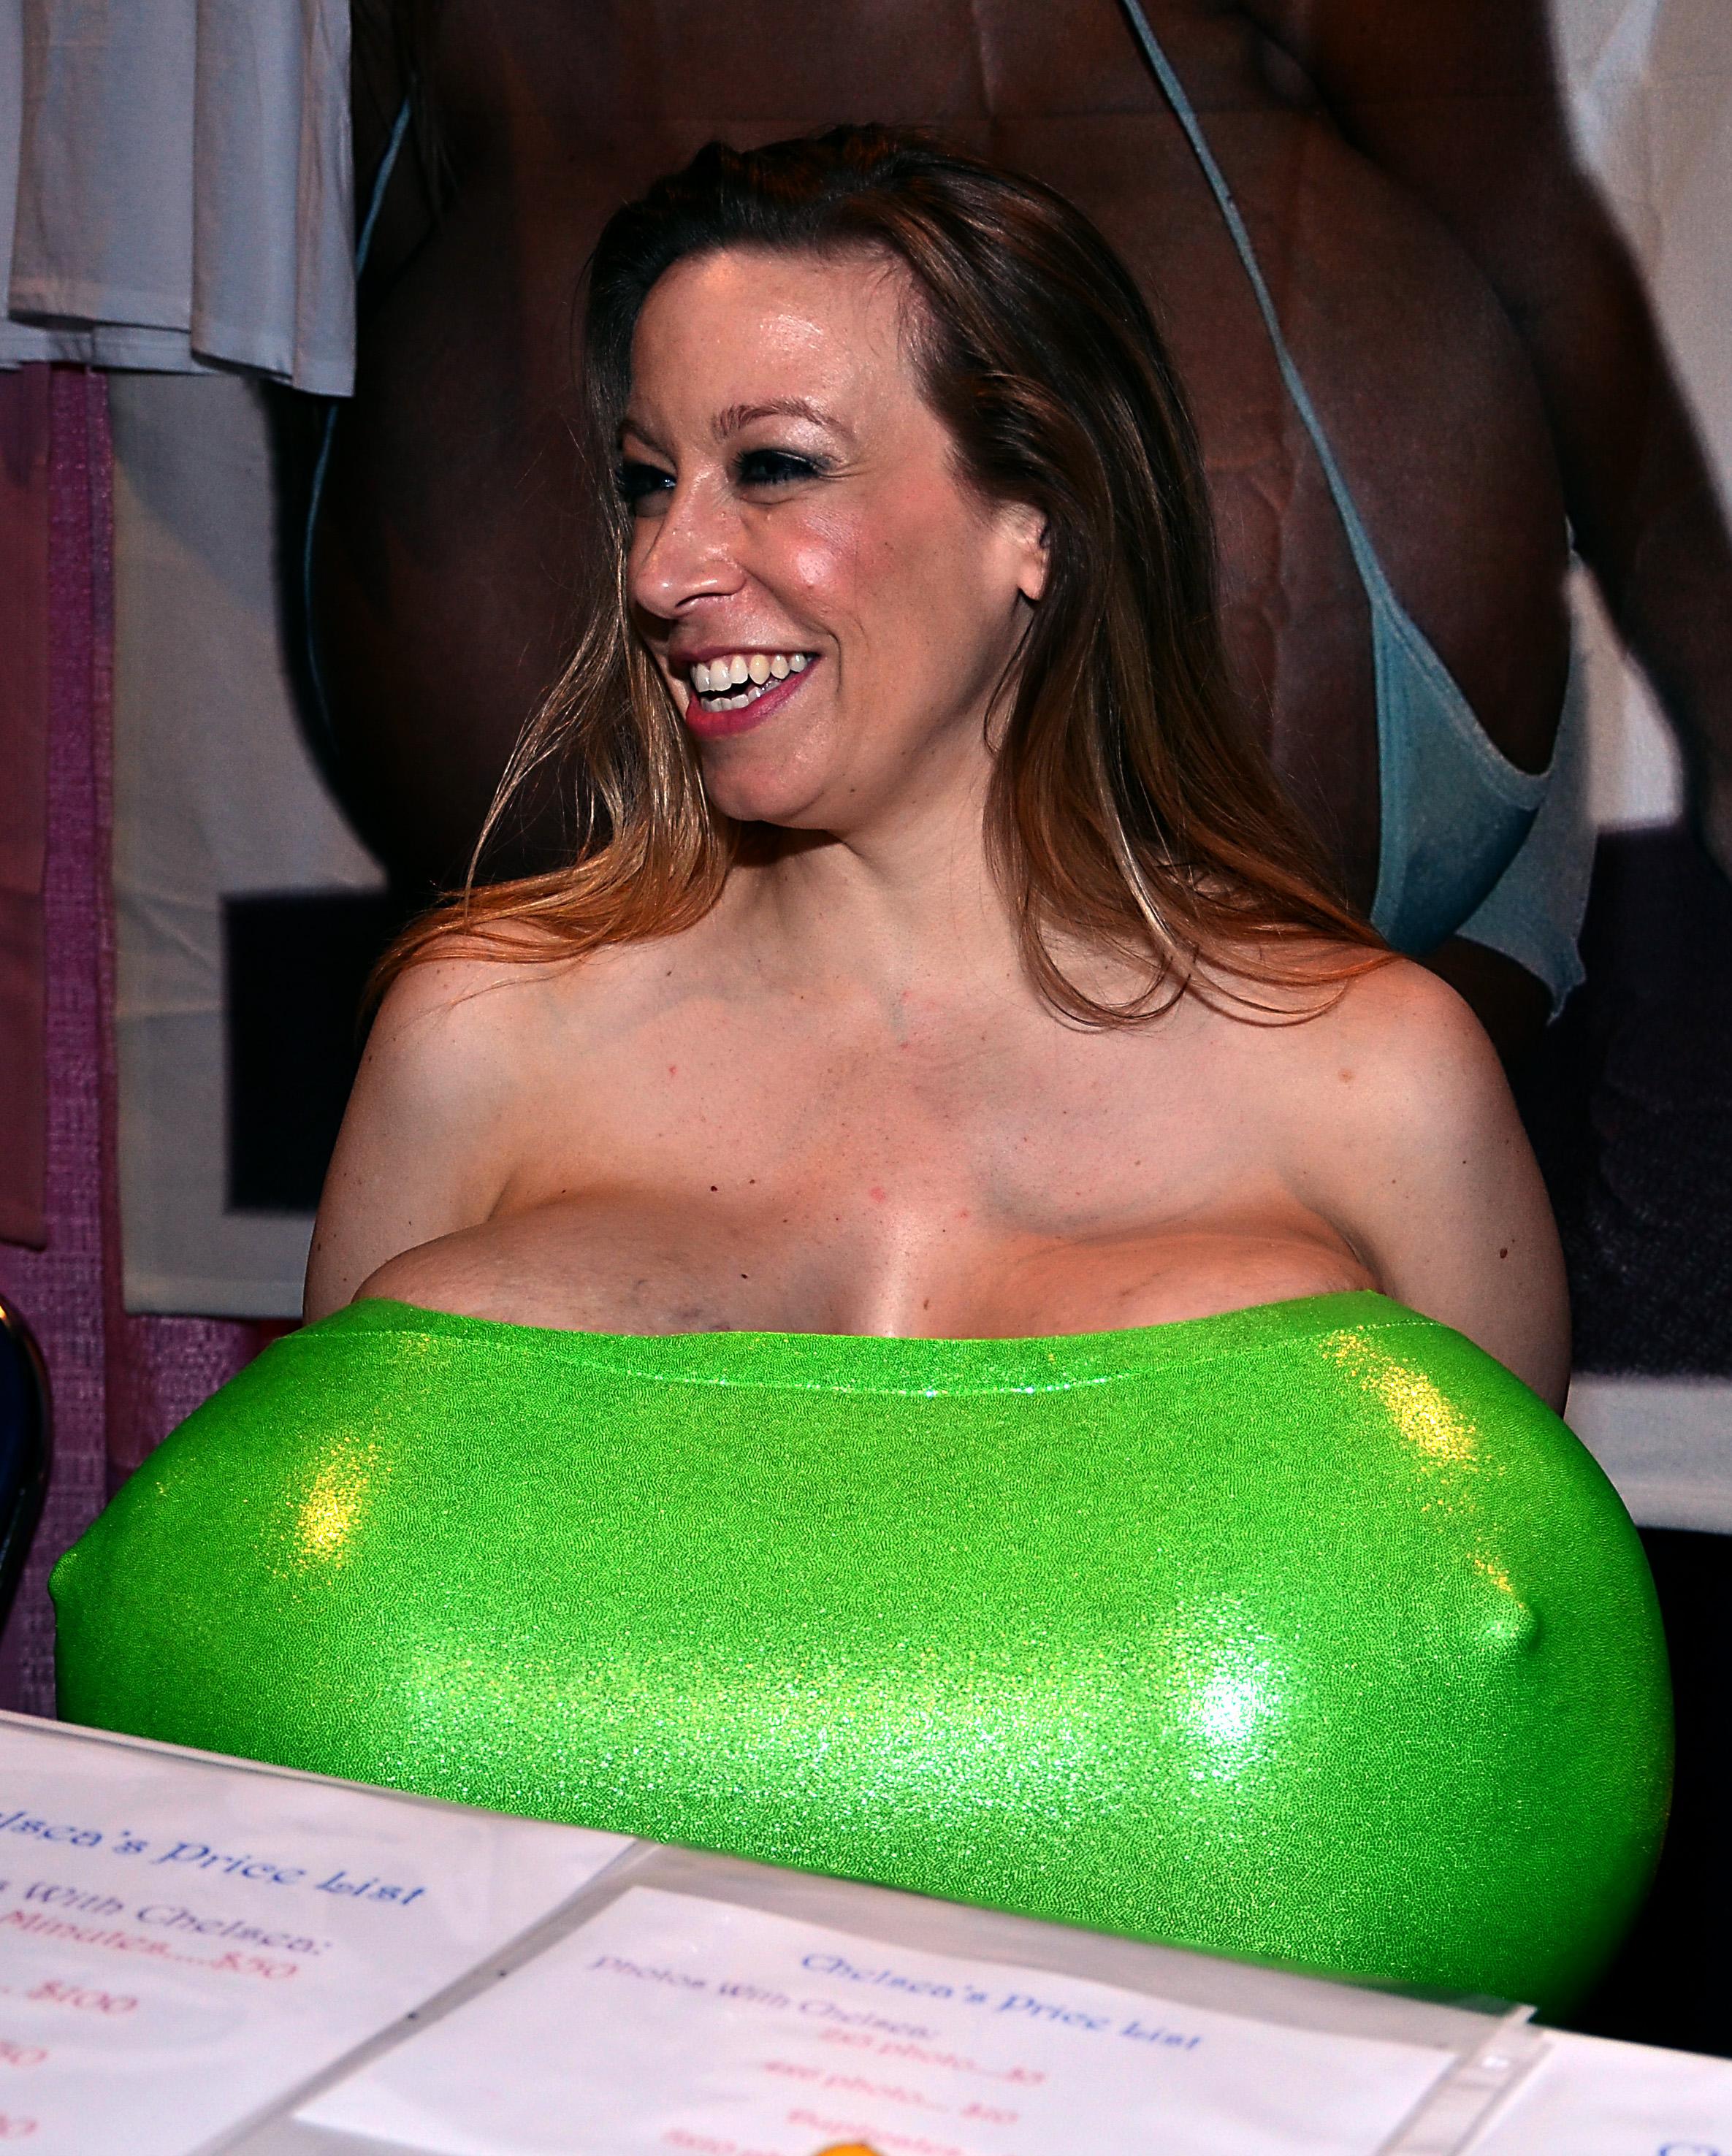 Фото больших бюстов женщин 20 фотография